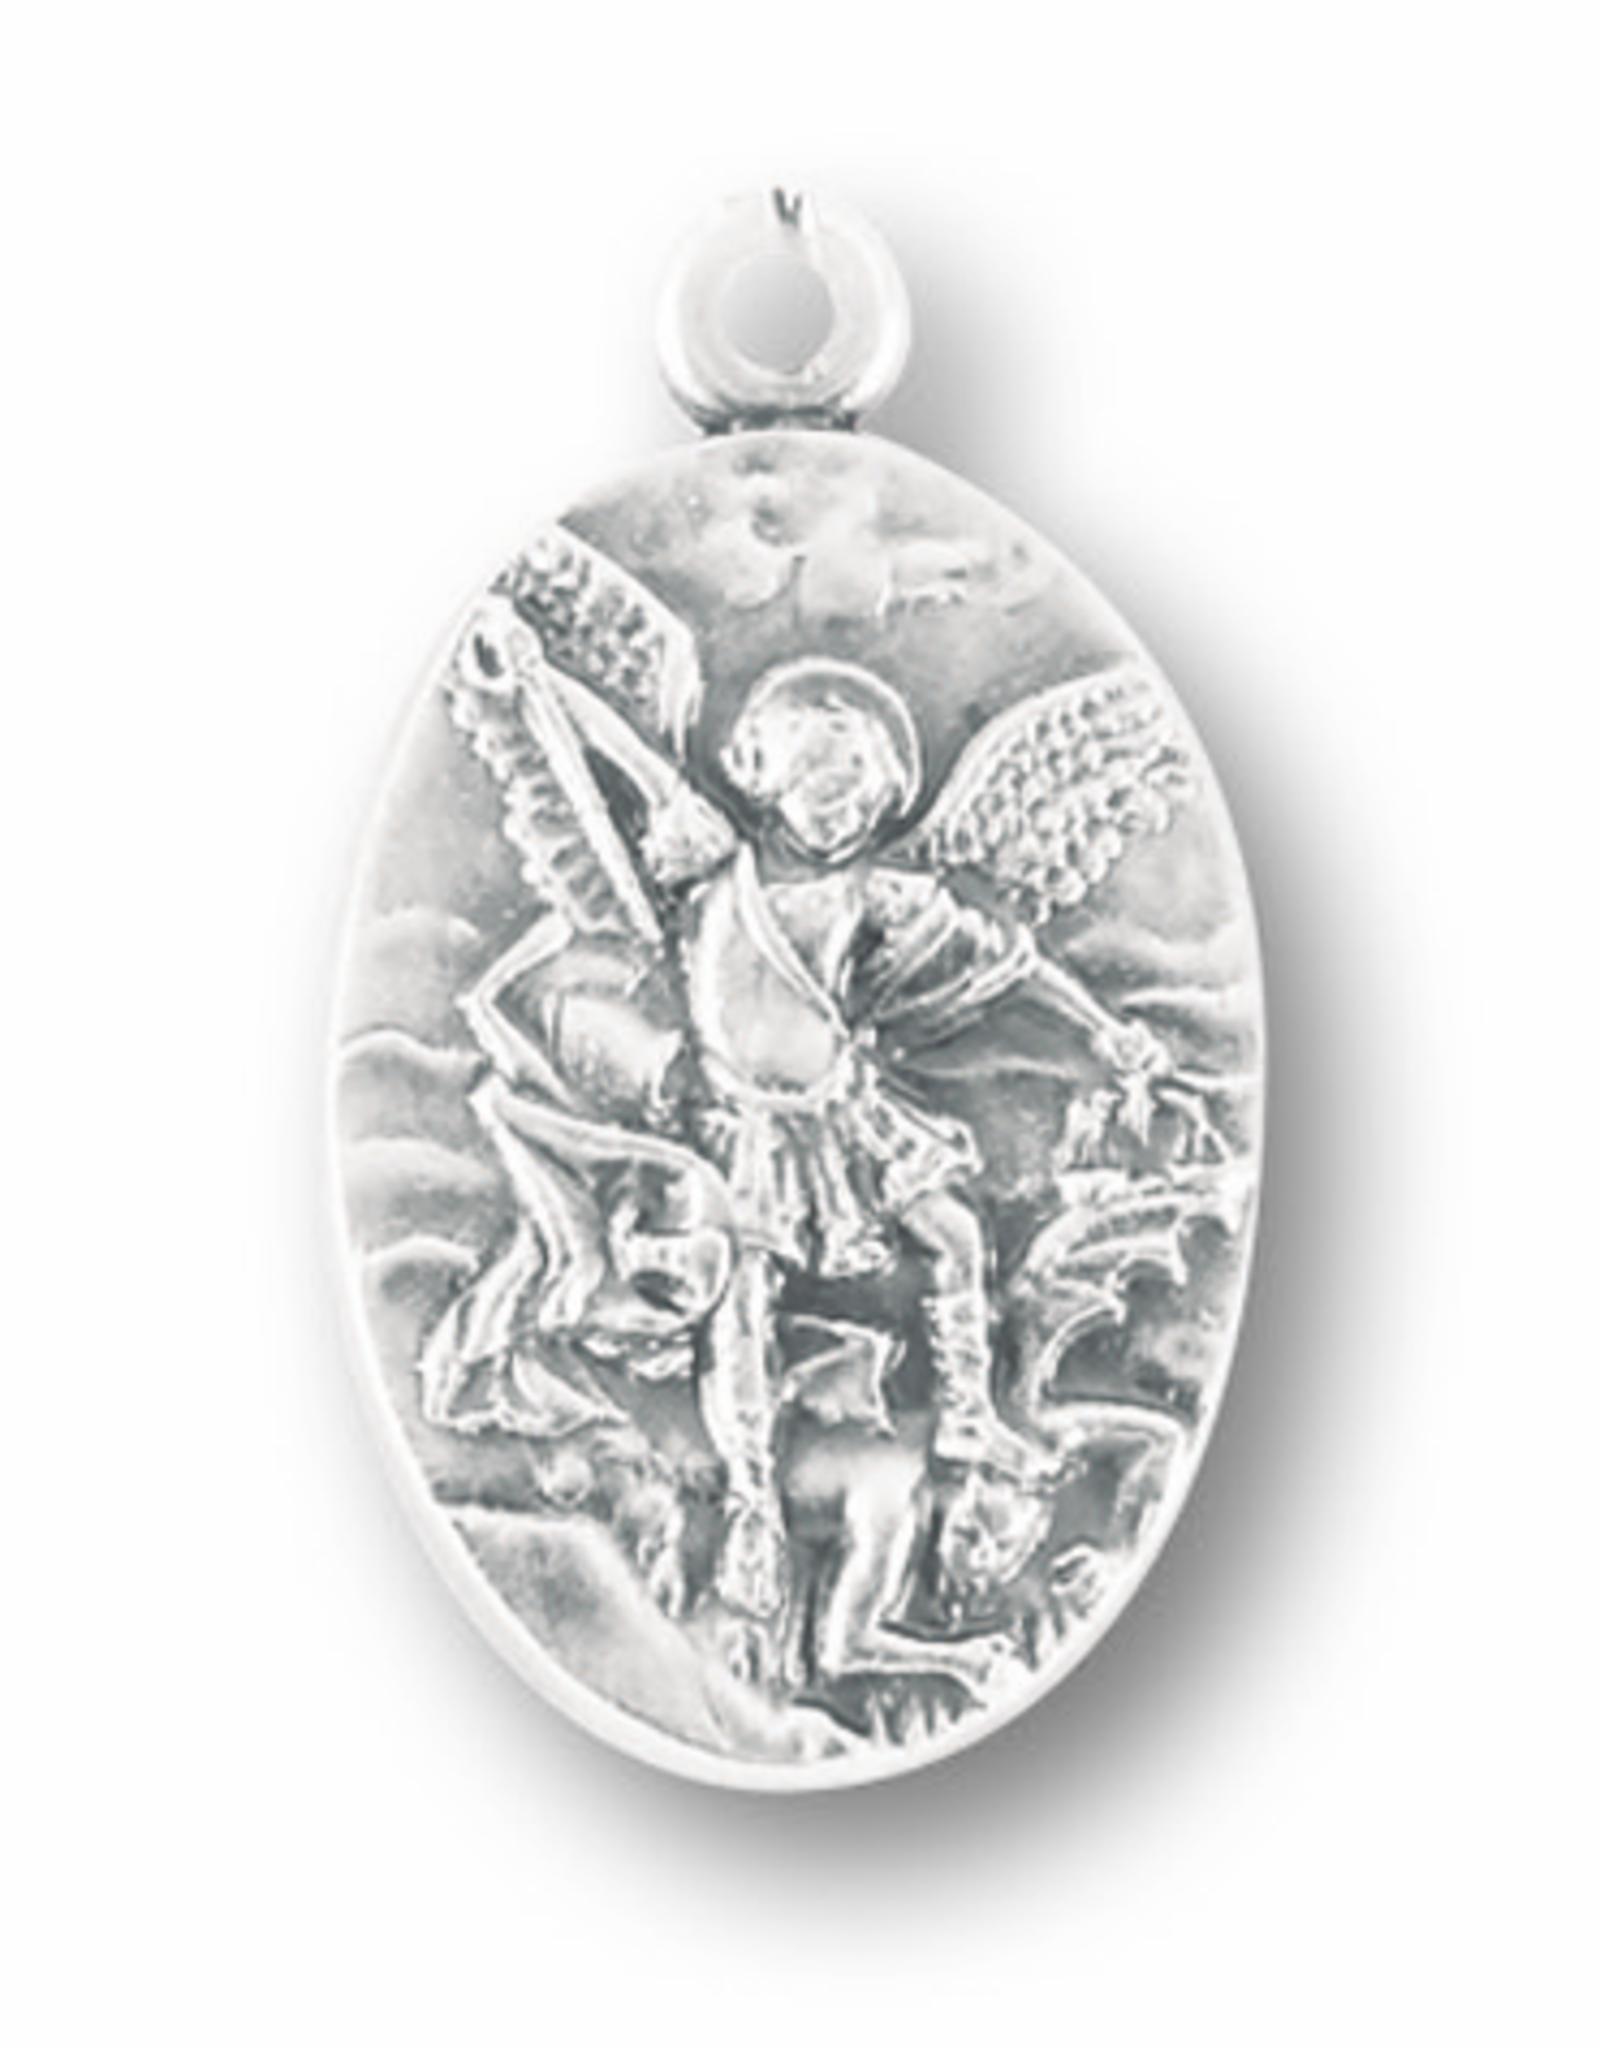 WJ Hirten St. Michael Medal (DETAIL)